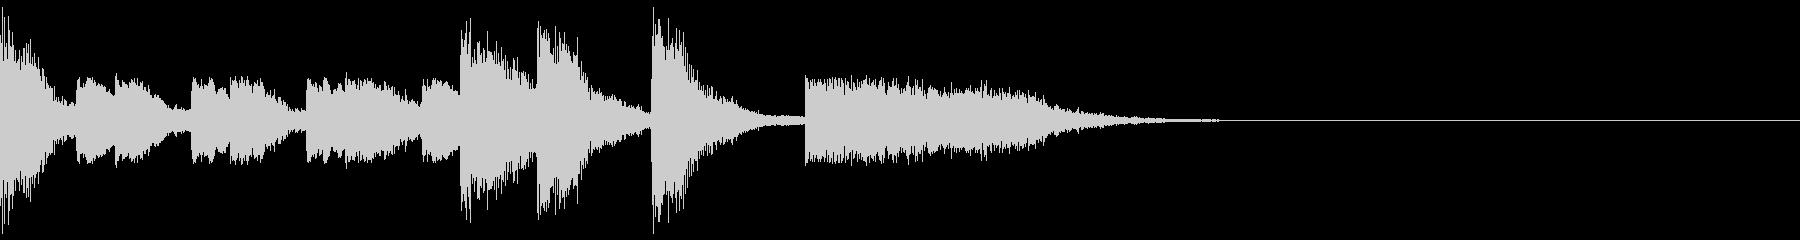 妖怪のサウンドロゴ・歌謡・オープニングの未再生の波形